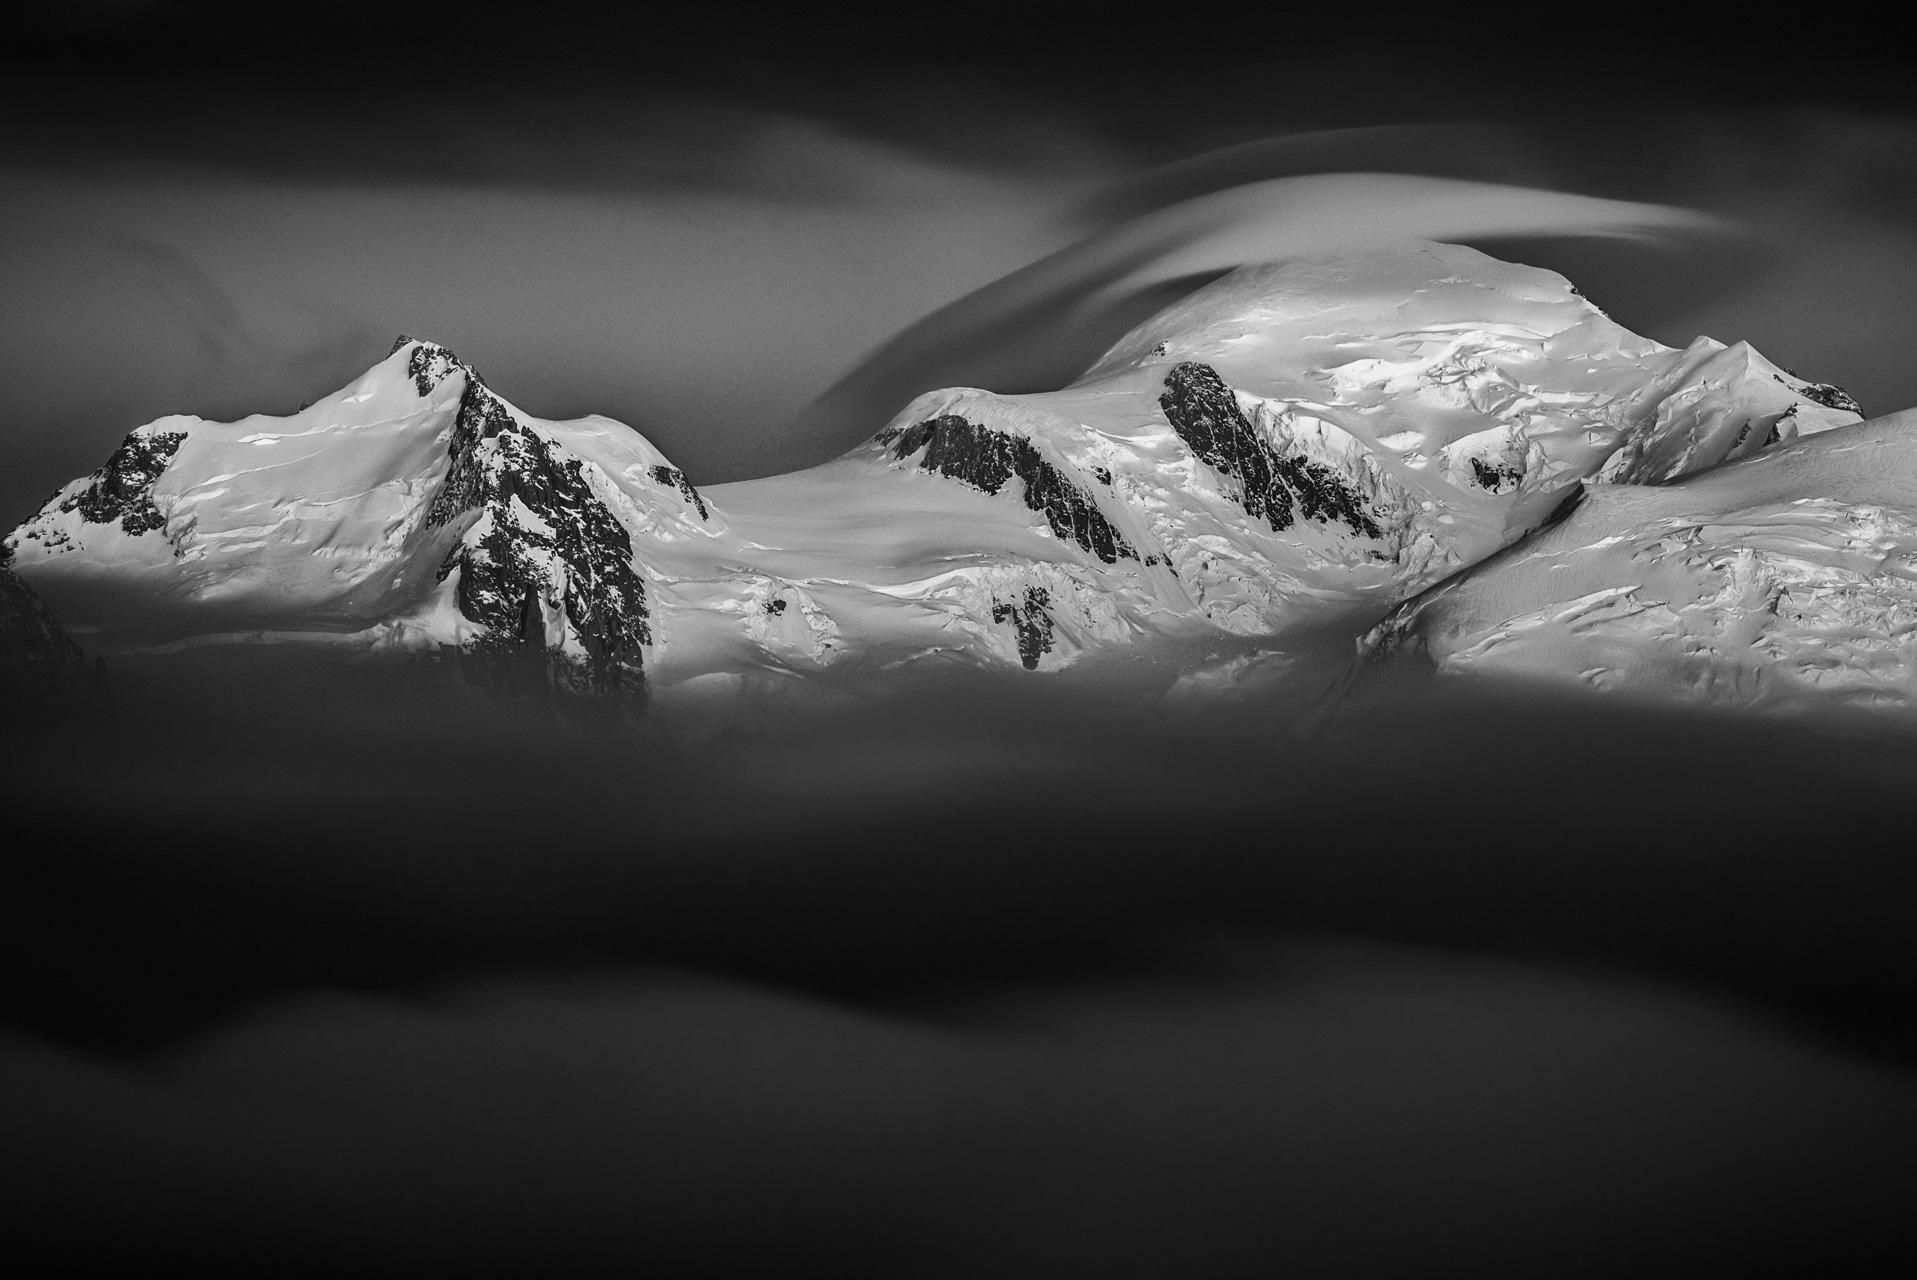 Photo du mont blanc - image mont blanc - Photo chamonix